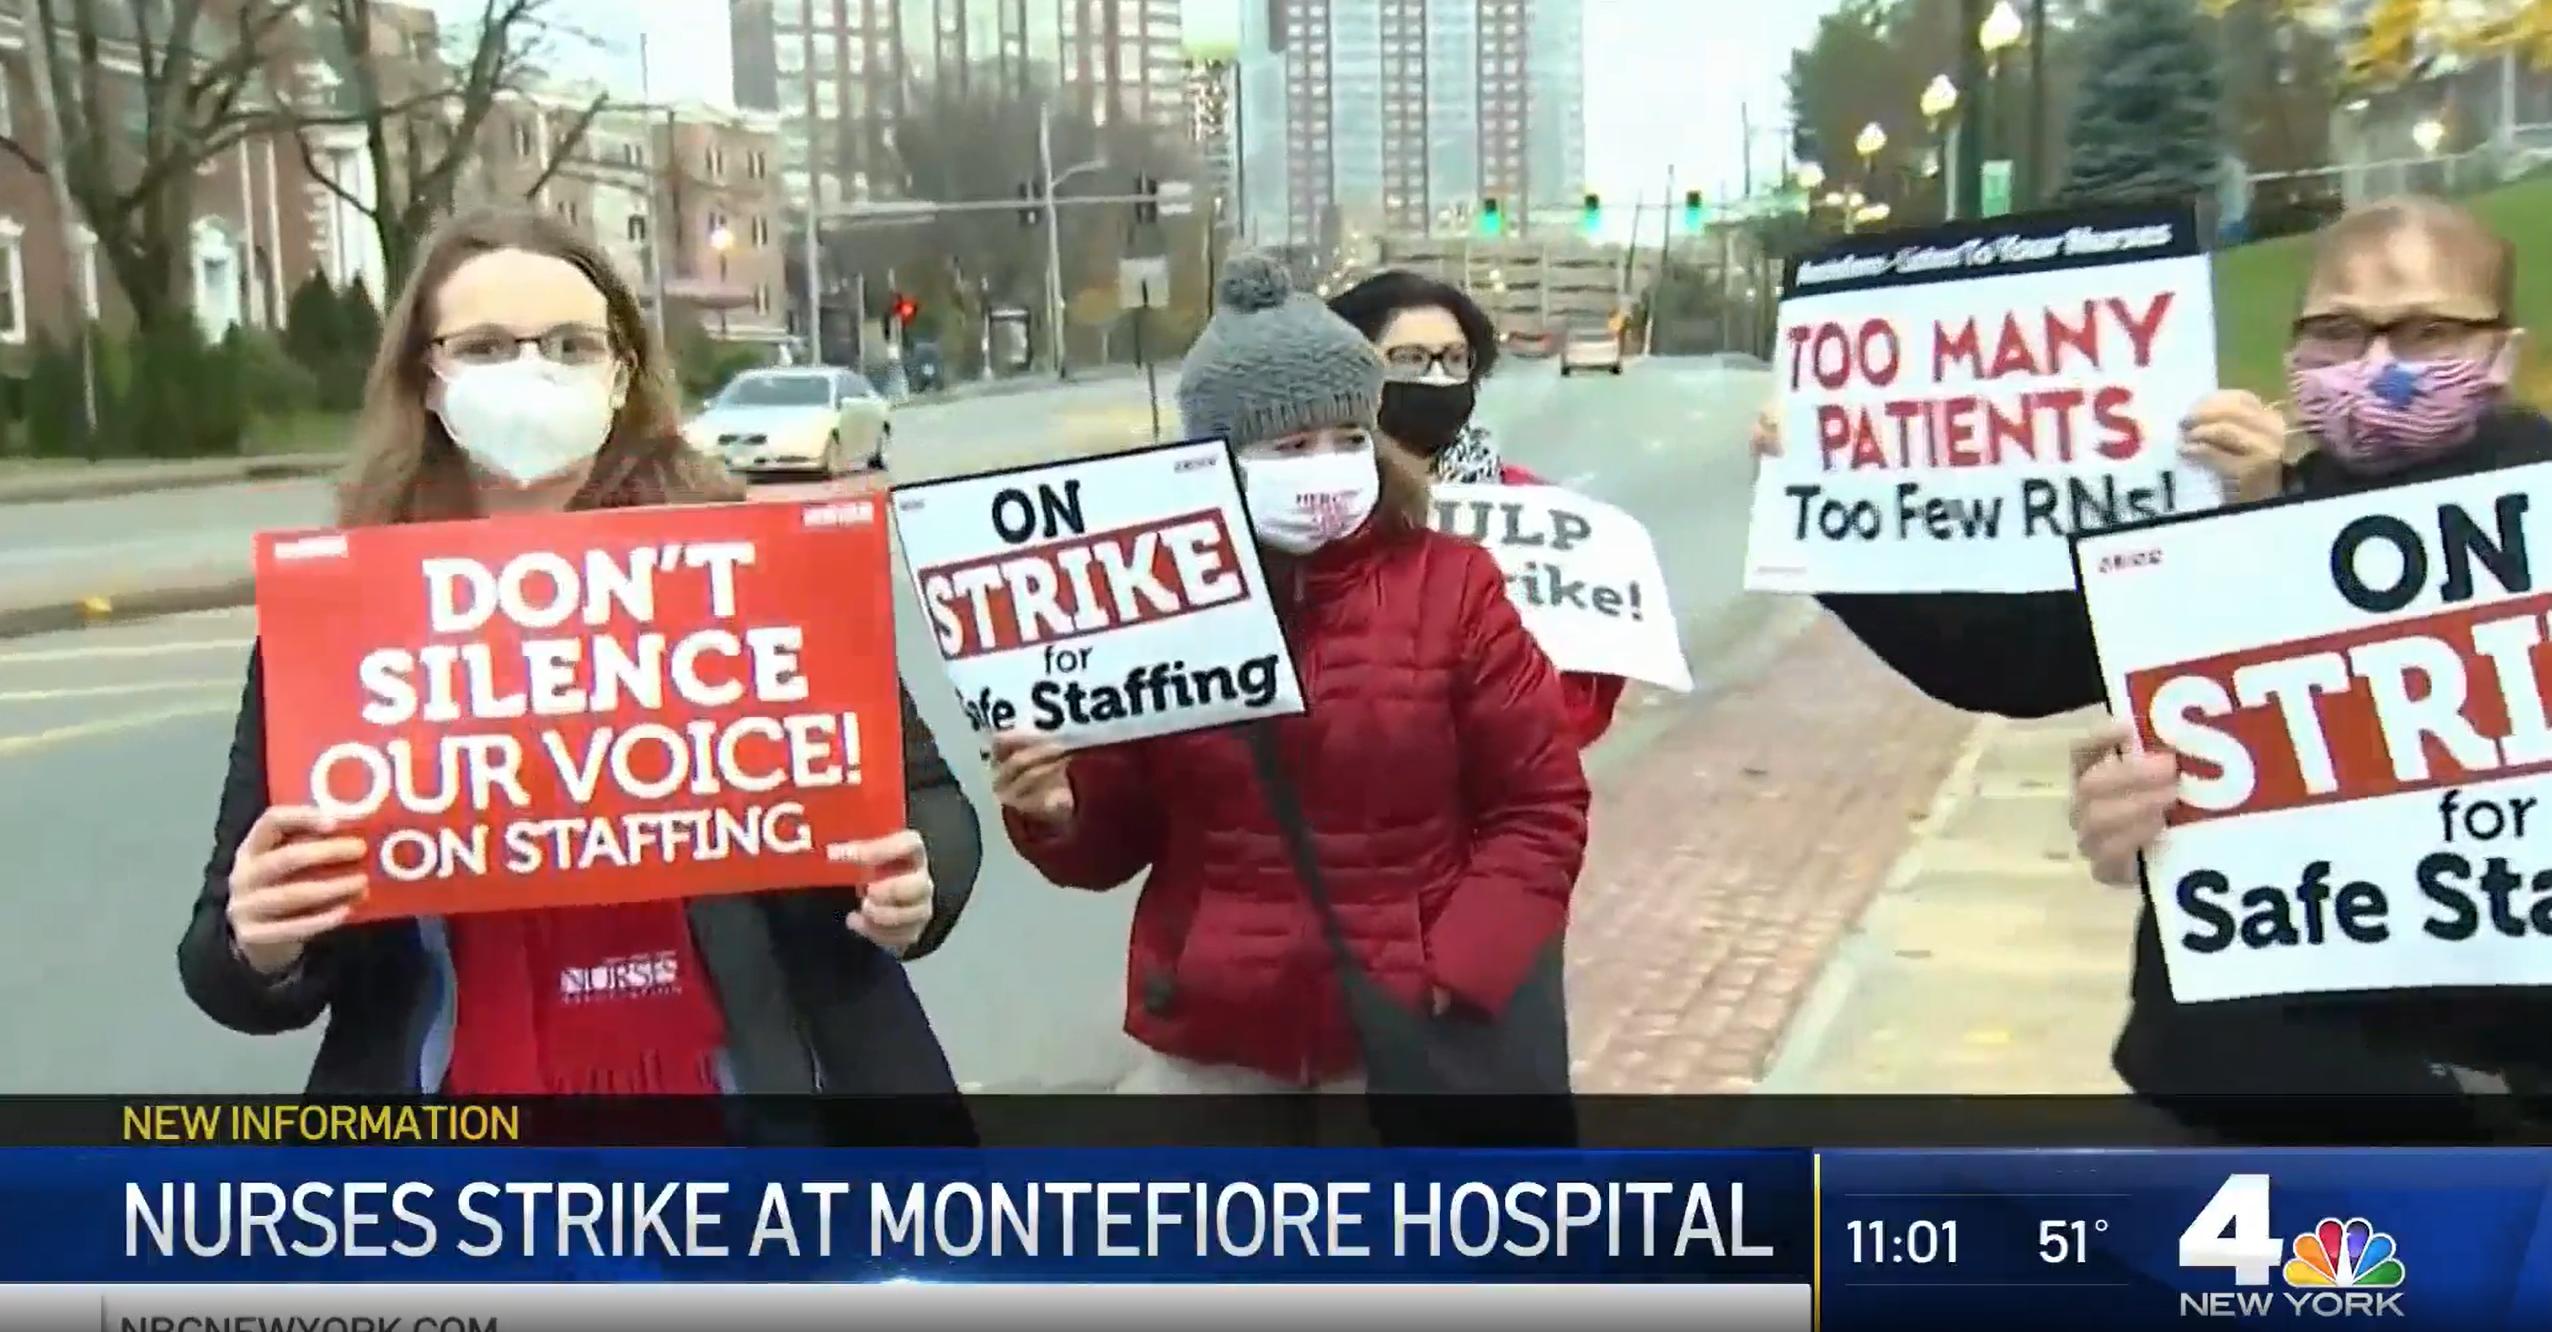 新羅謝爾有大約200名醫護人員罷工2 天。 NBC新聞截圖